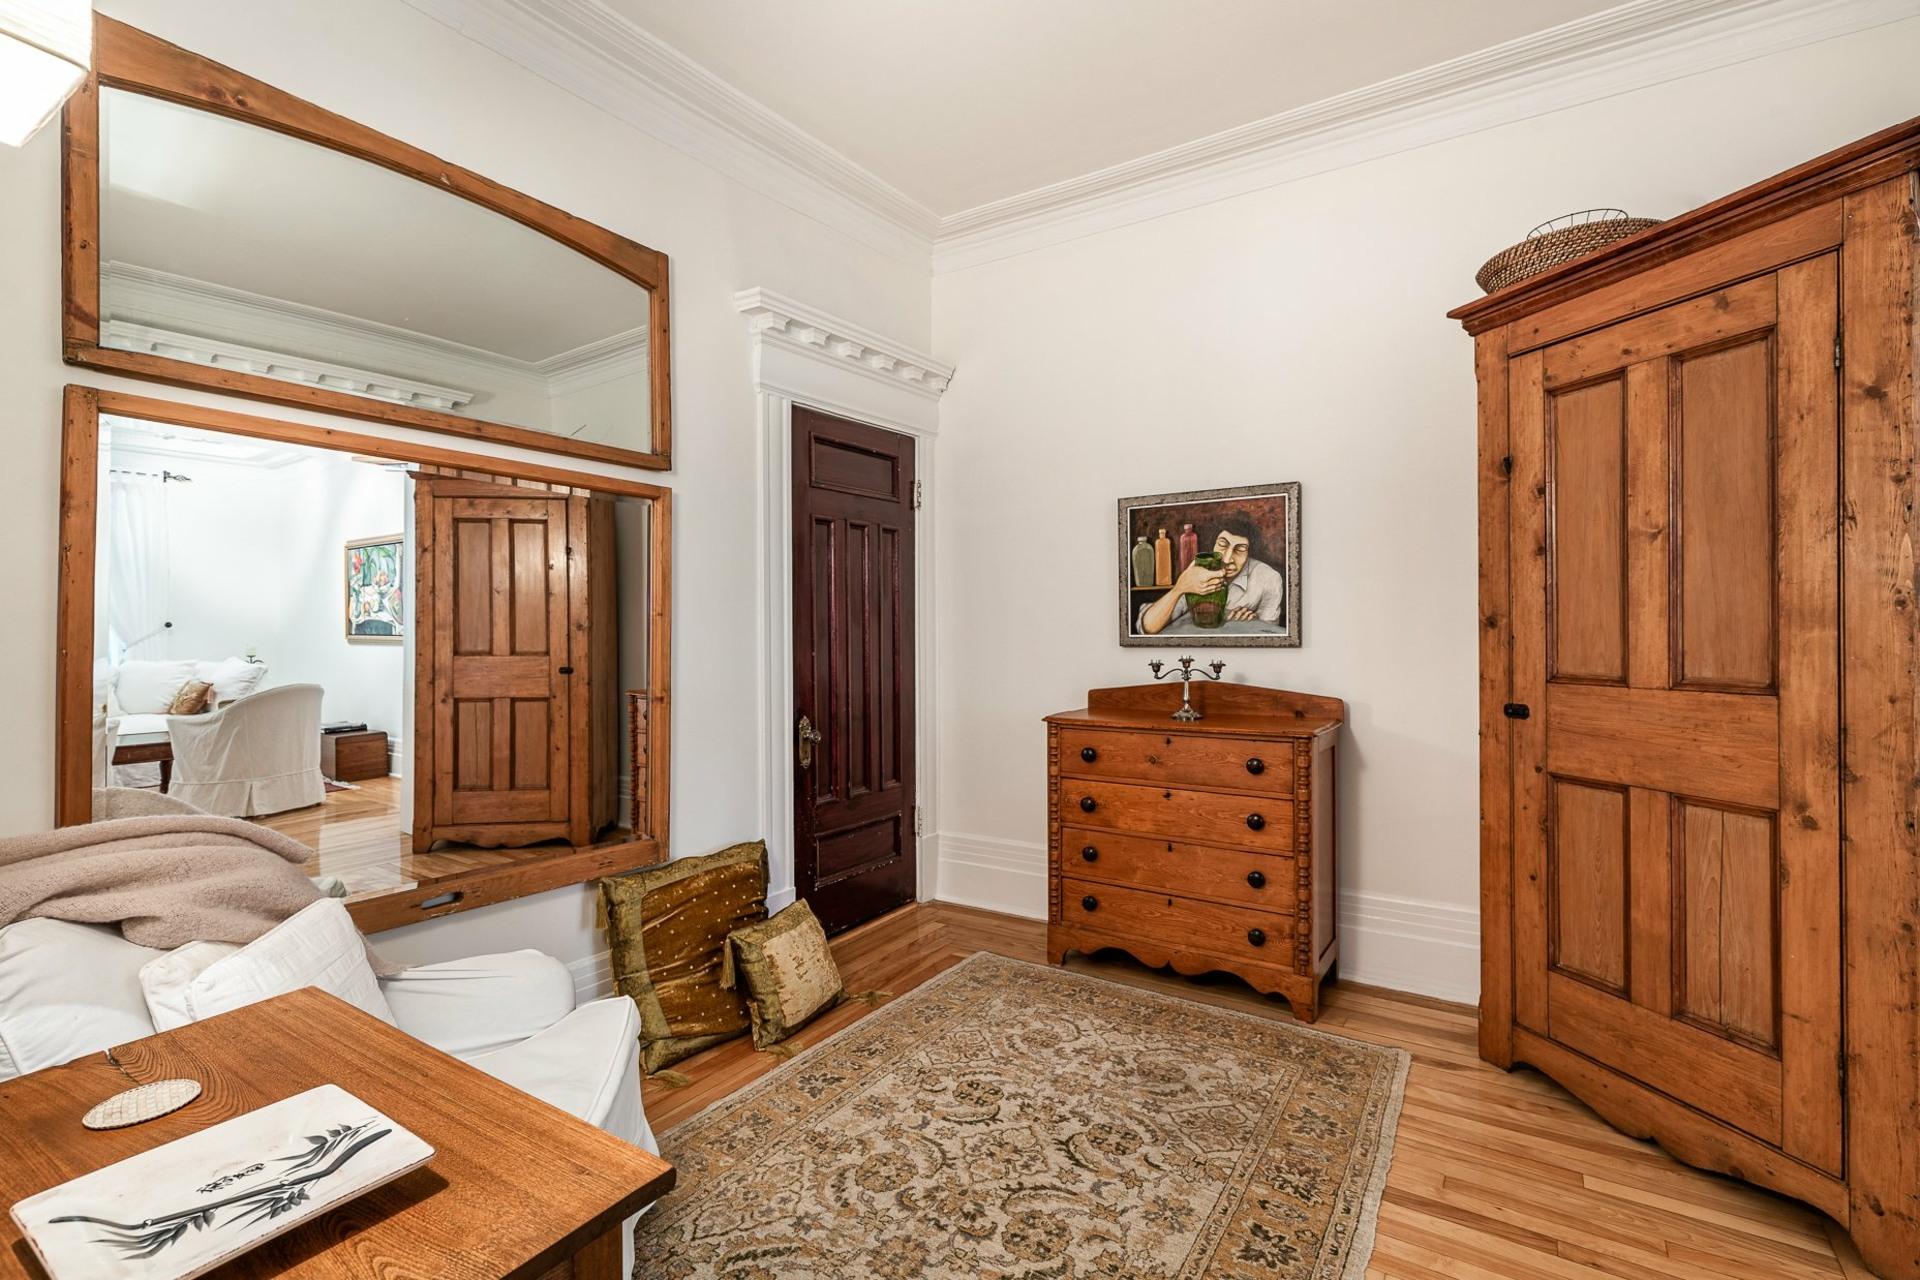 image 6 - Apartment For sale Le Plateau-Mont-Royal Montréal  - 8 rooms